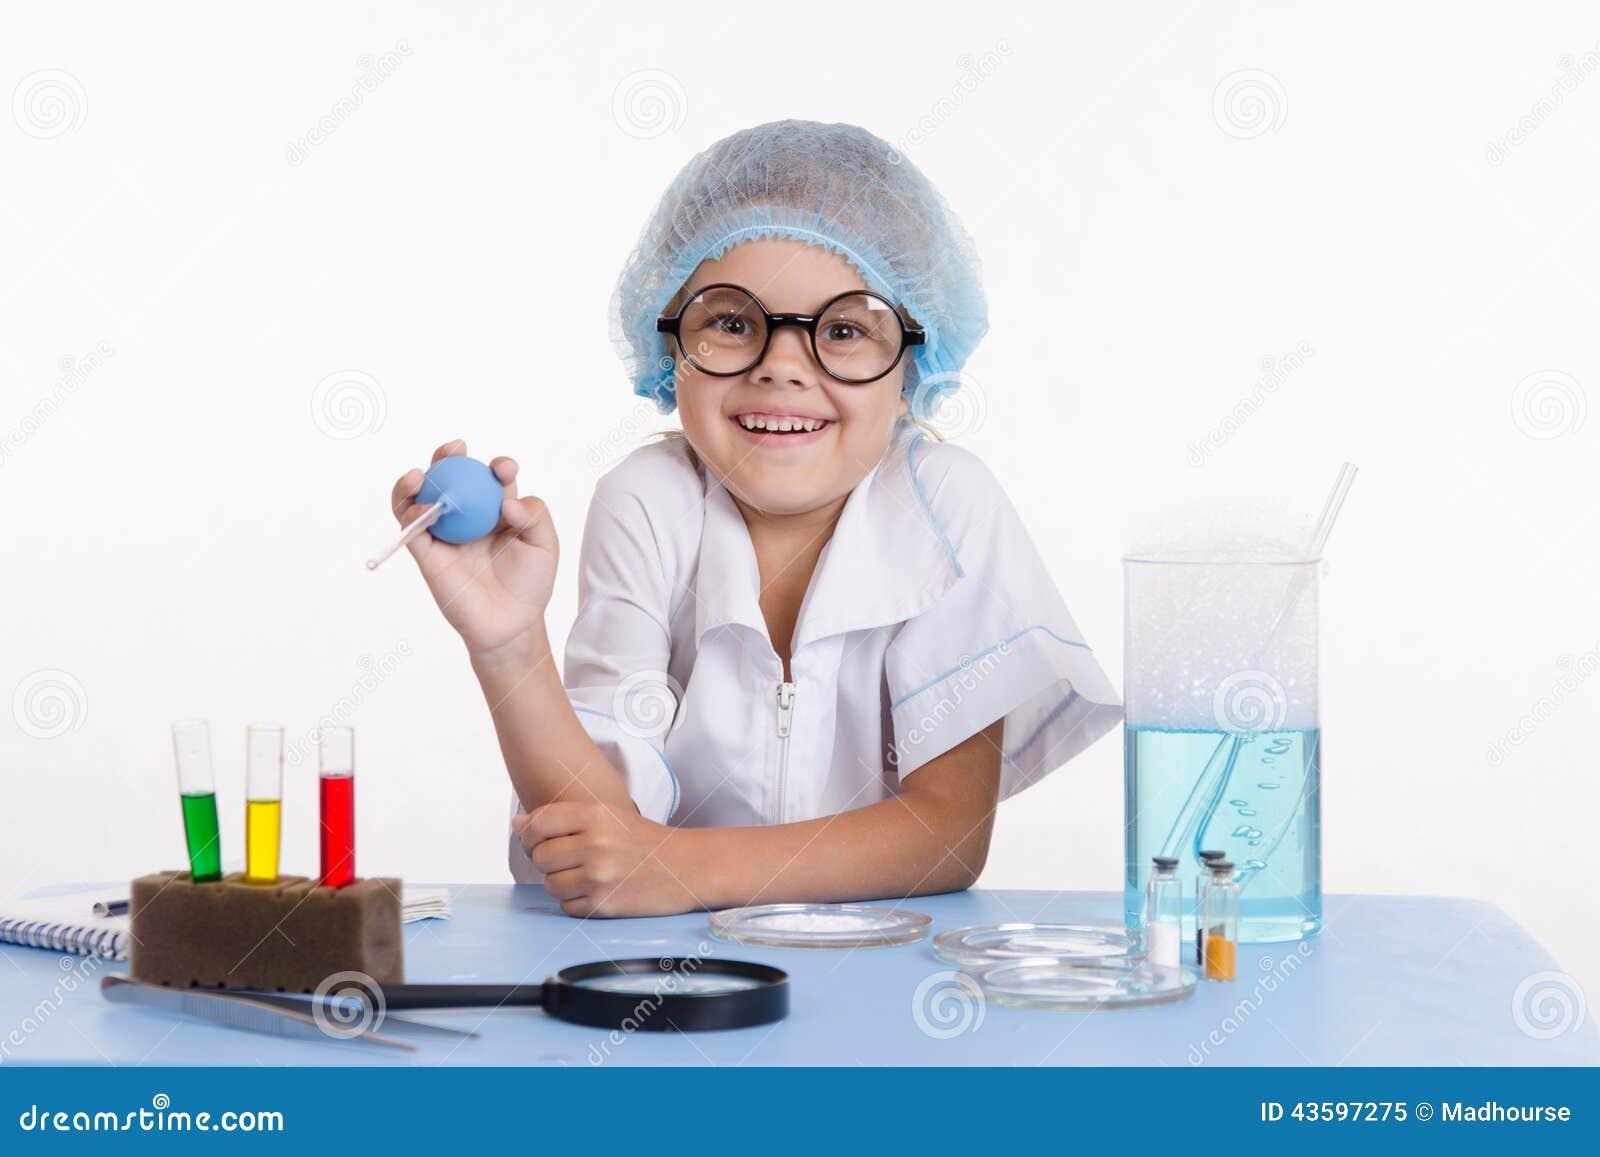 Rozochocony młody chemik